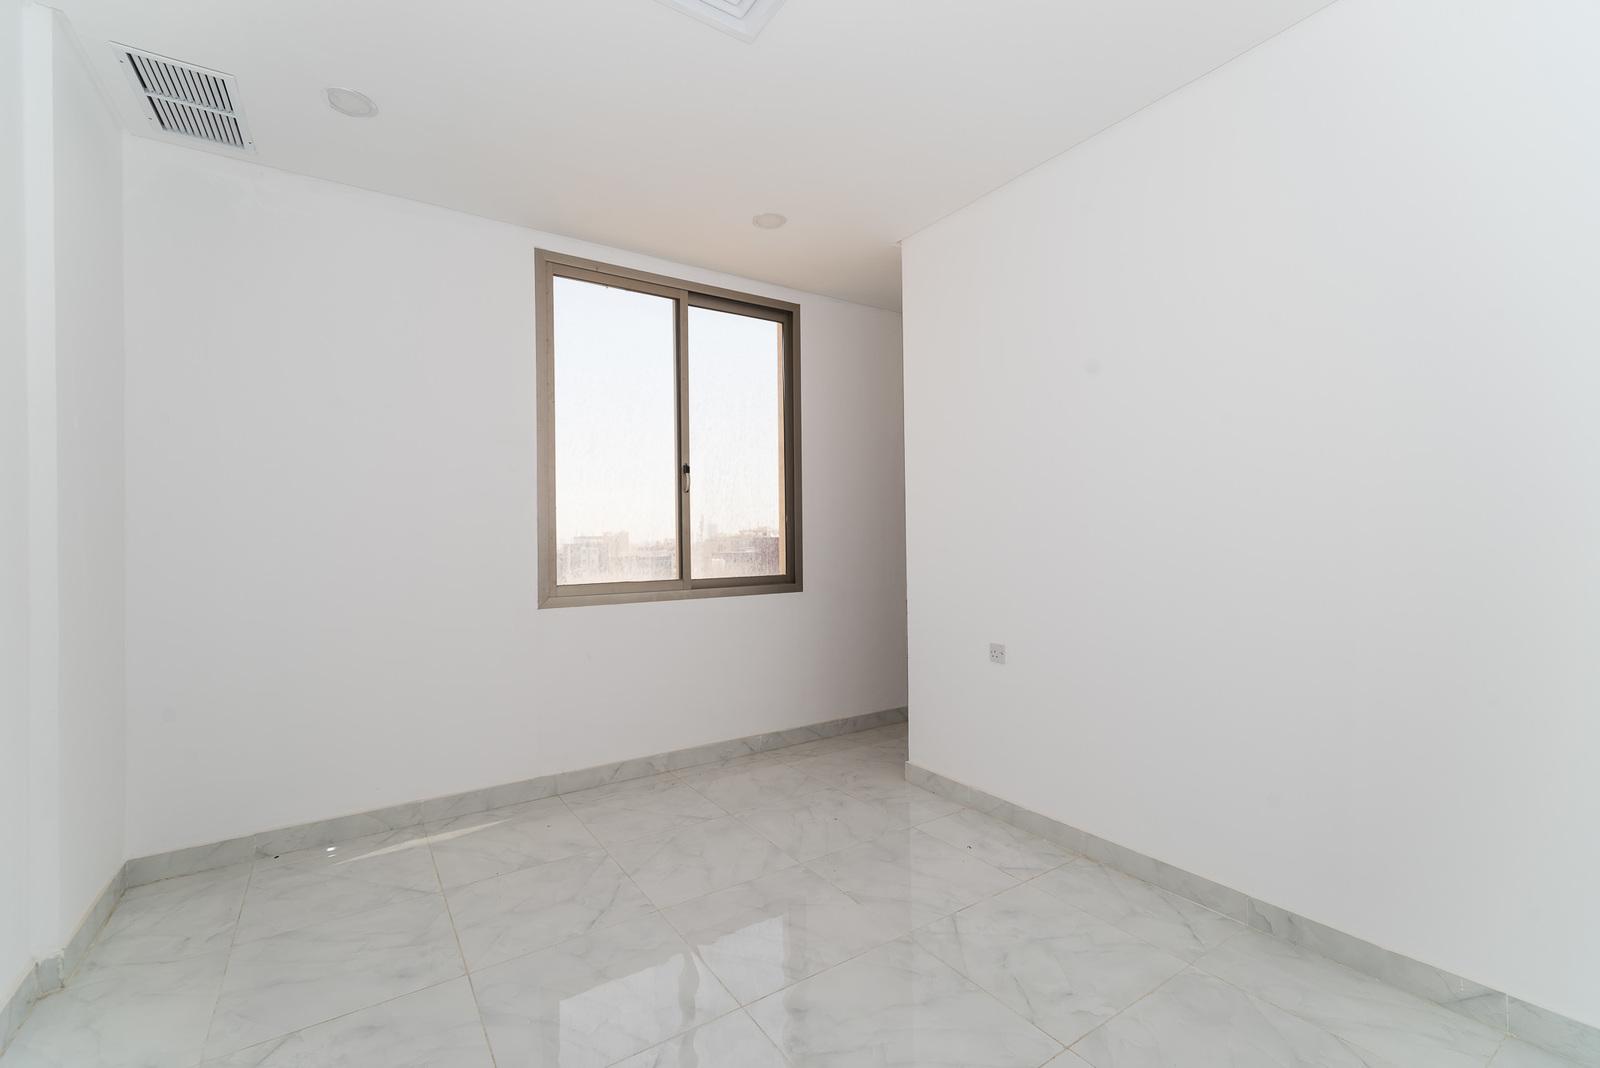 Hawally – unfurnished, three bedroom apartment w/indoor pool